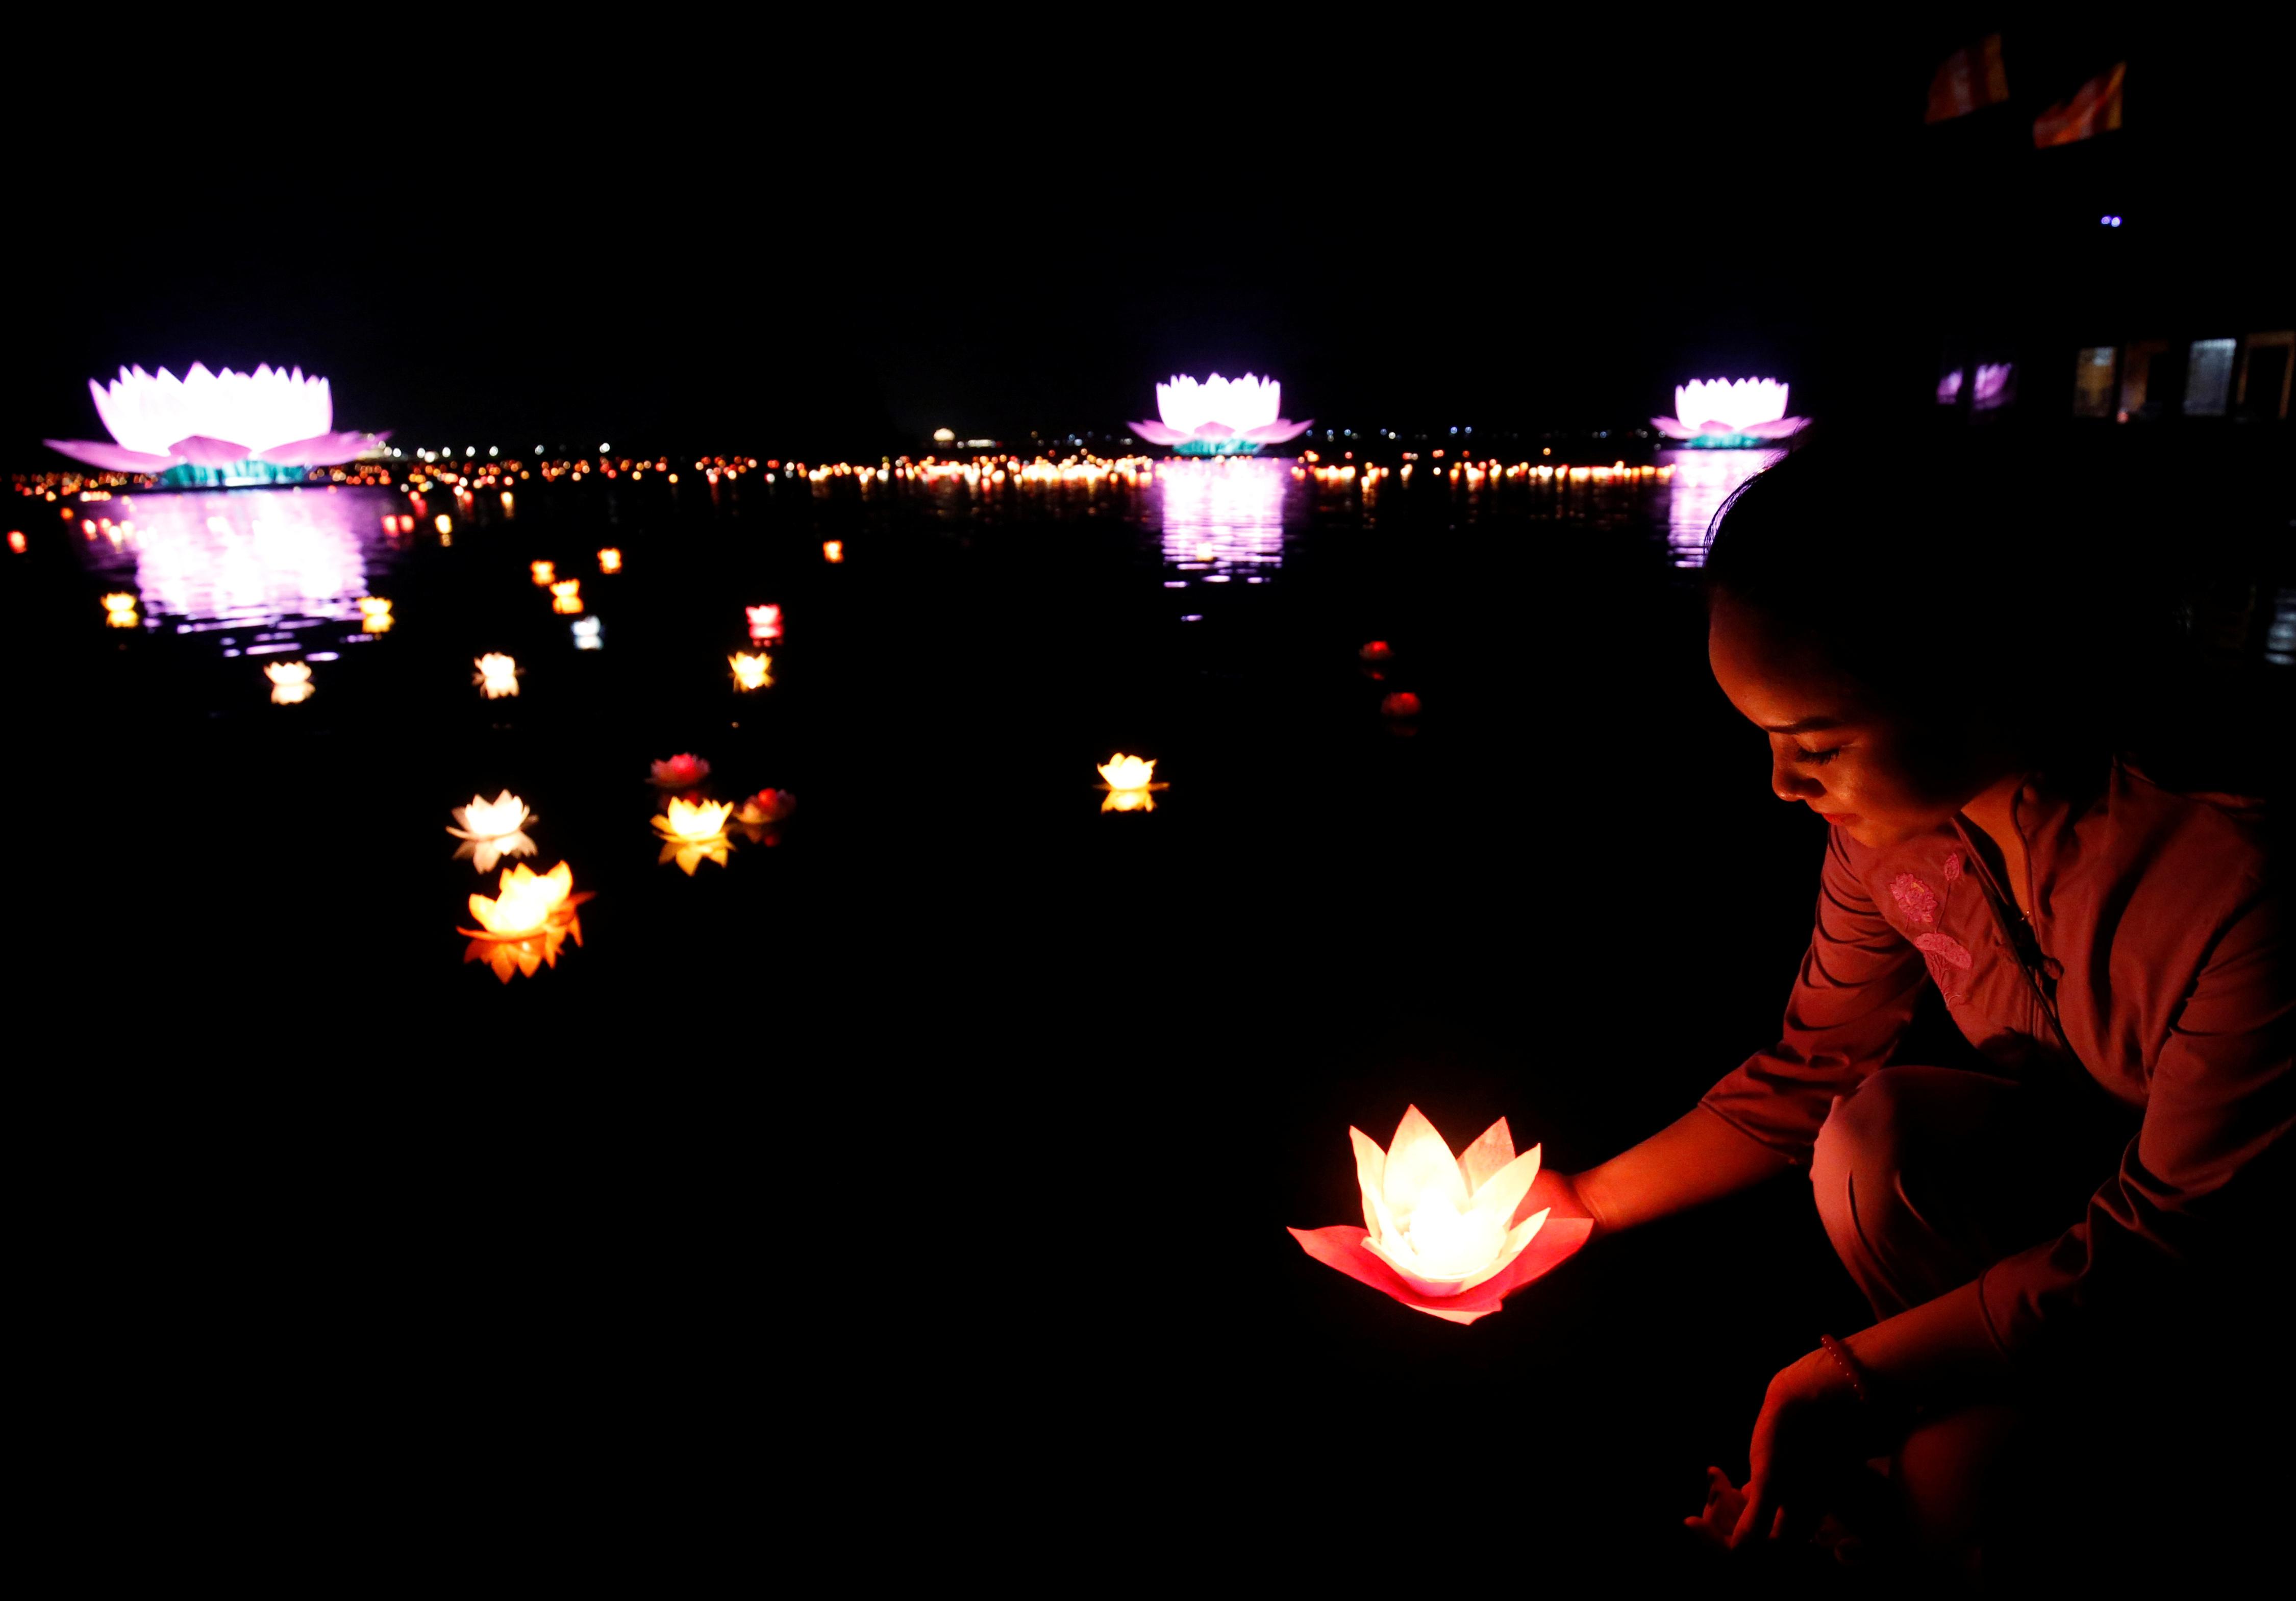 المهرجان الشعبى البوذى (9)